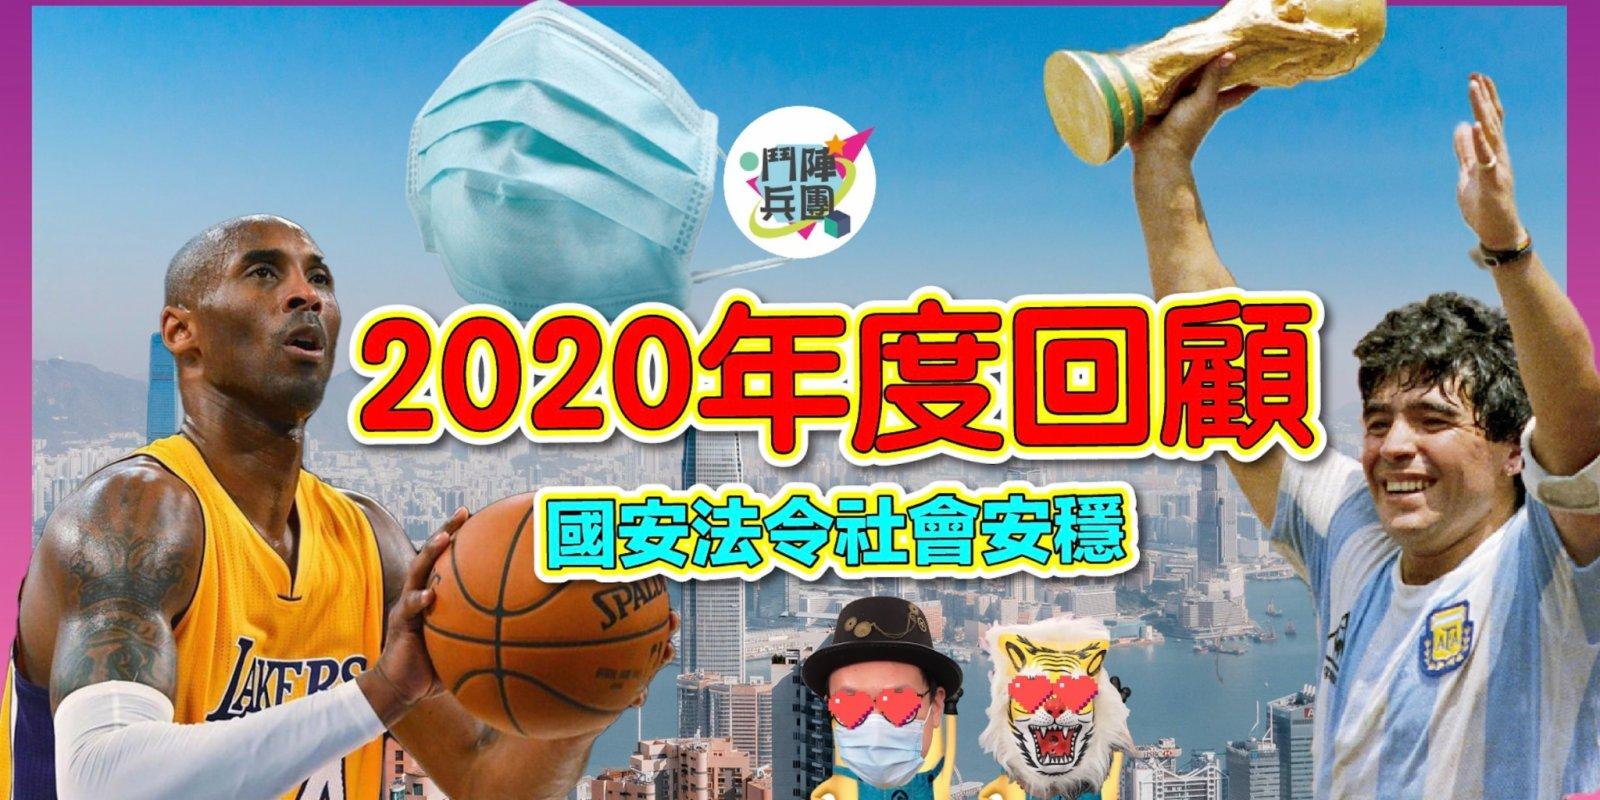 鬥陣兵團 2020回顧特輯,香港人成年度風雲人物!國安法定社會安定,馬勒當拿高比兩位球王相繼逝世,打工仔更是受到重大影響!